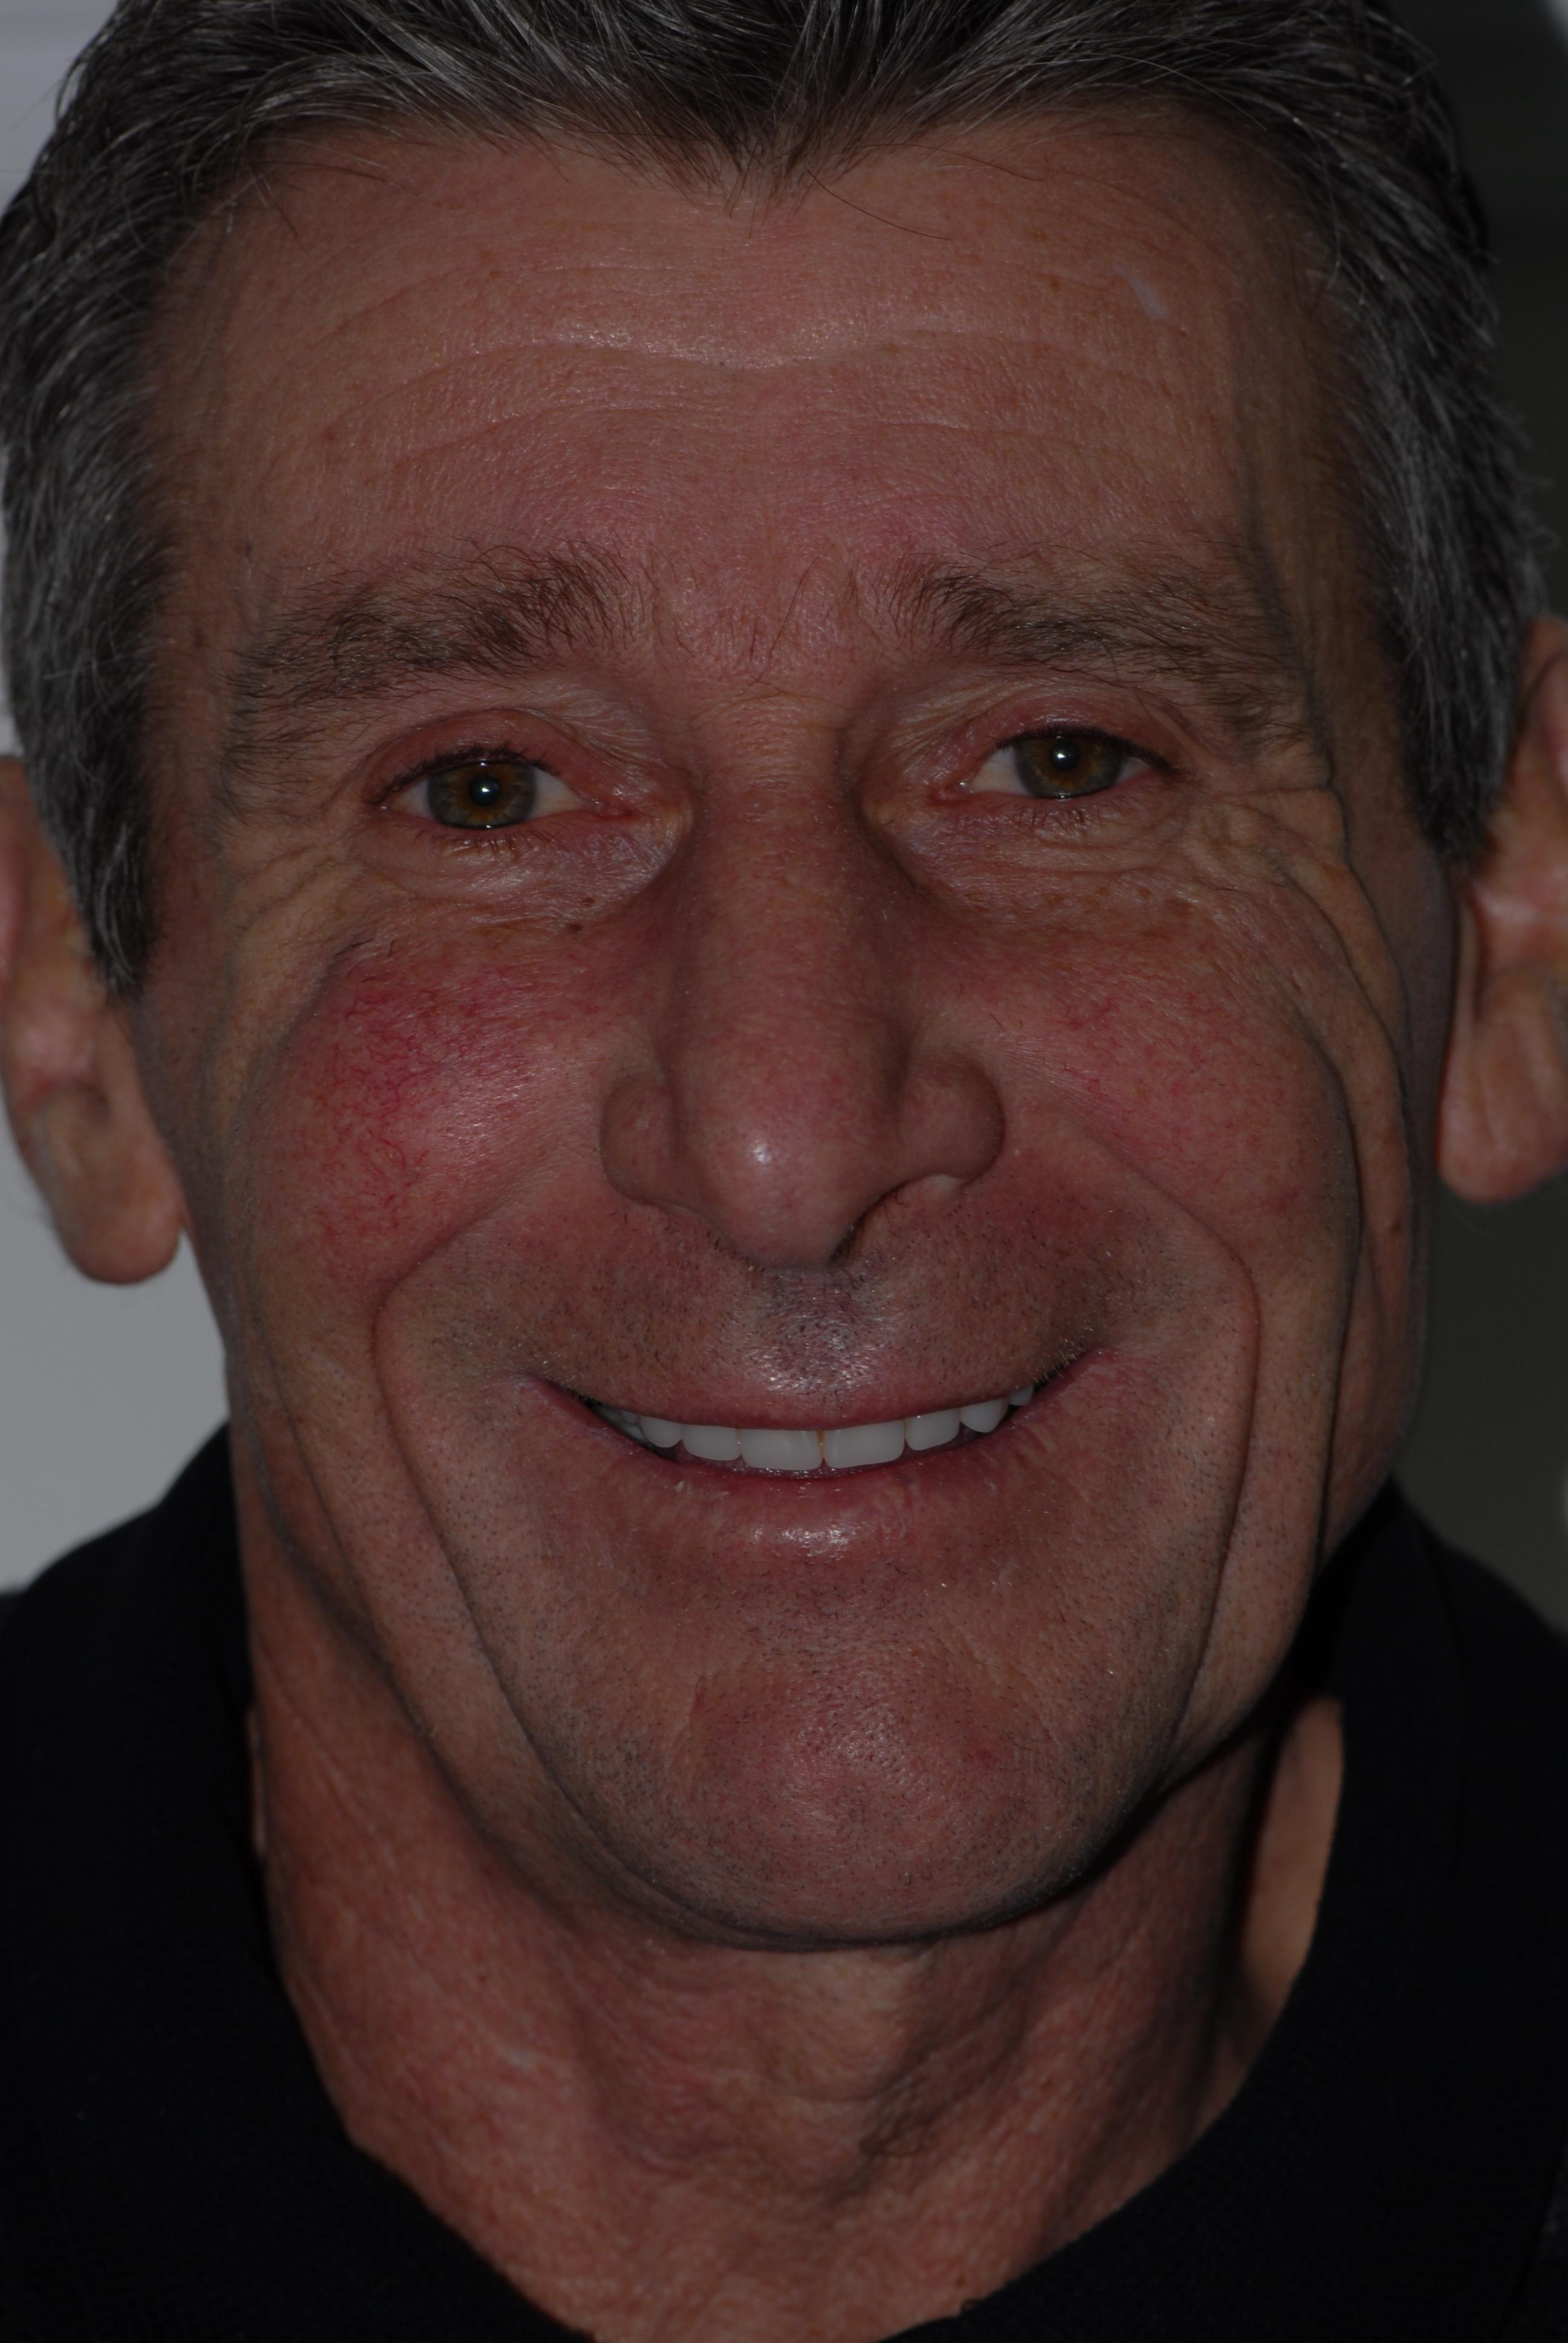 Scotstoun patient after dental implants